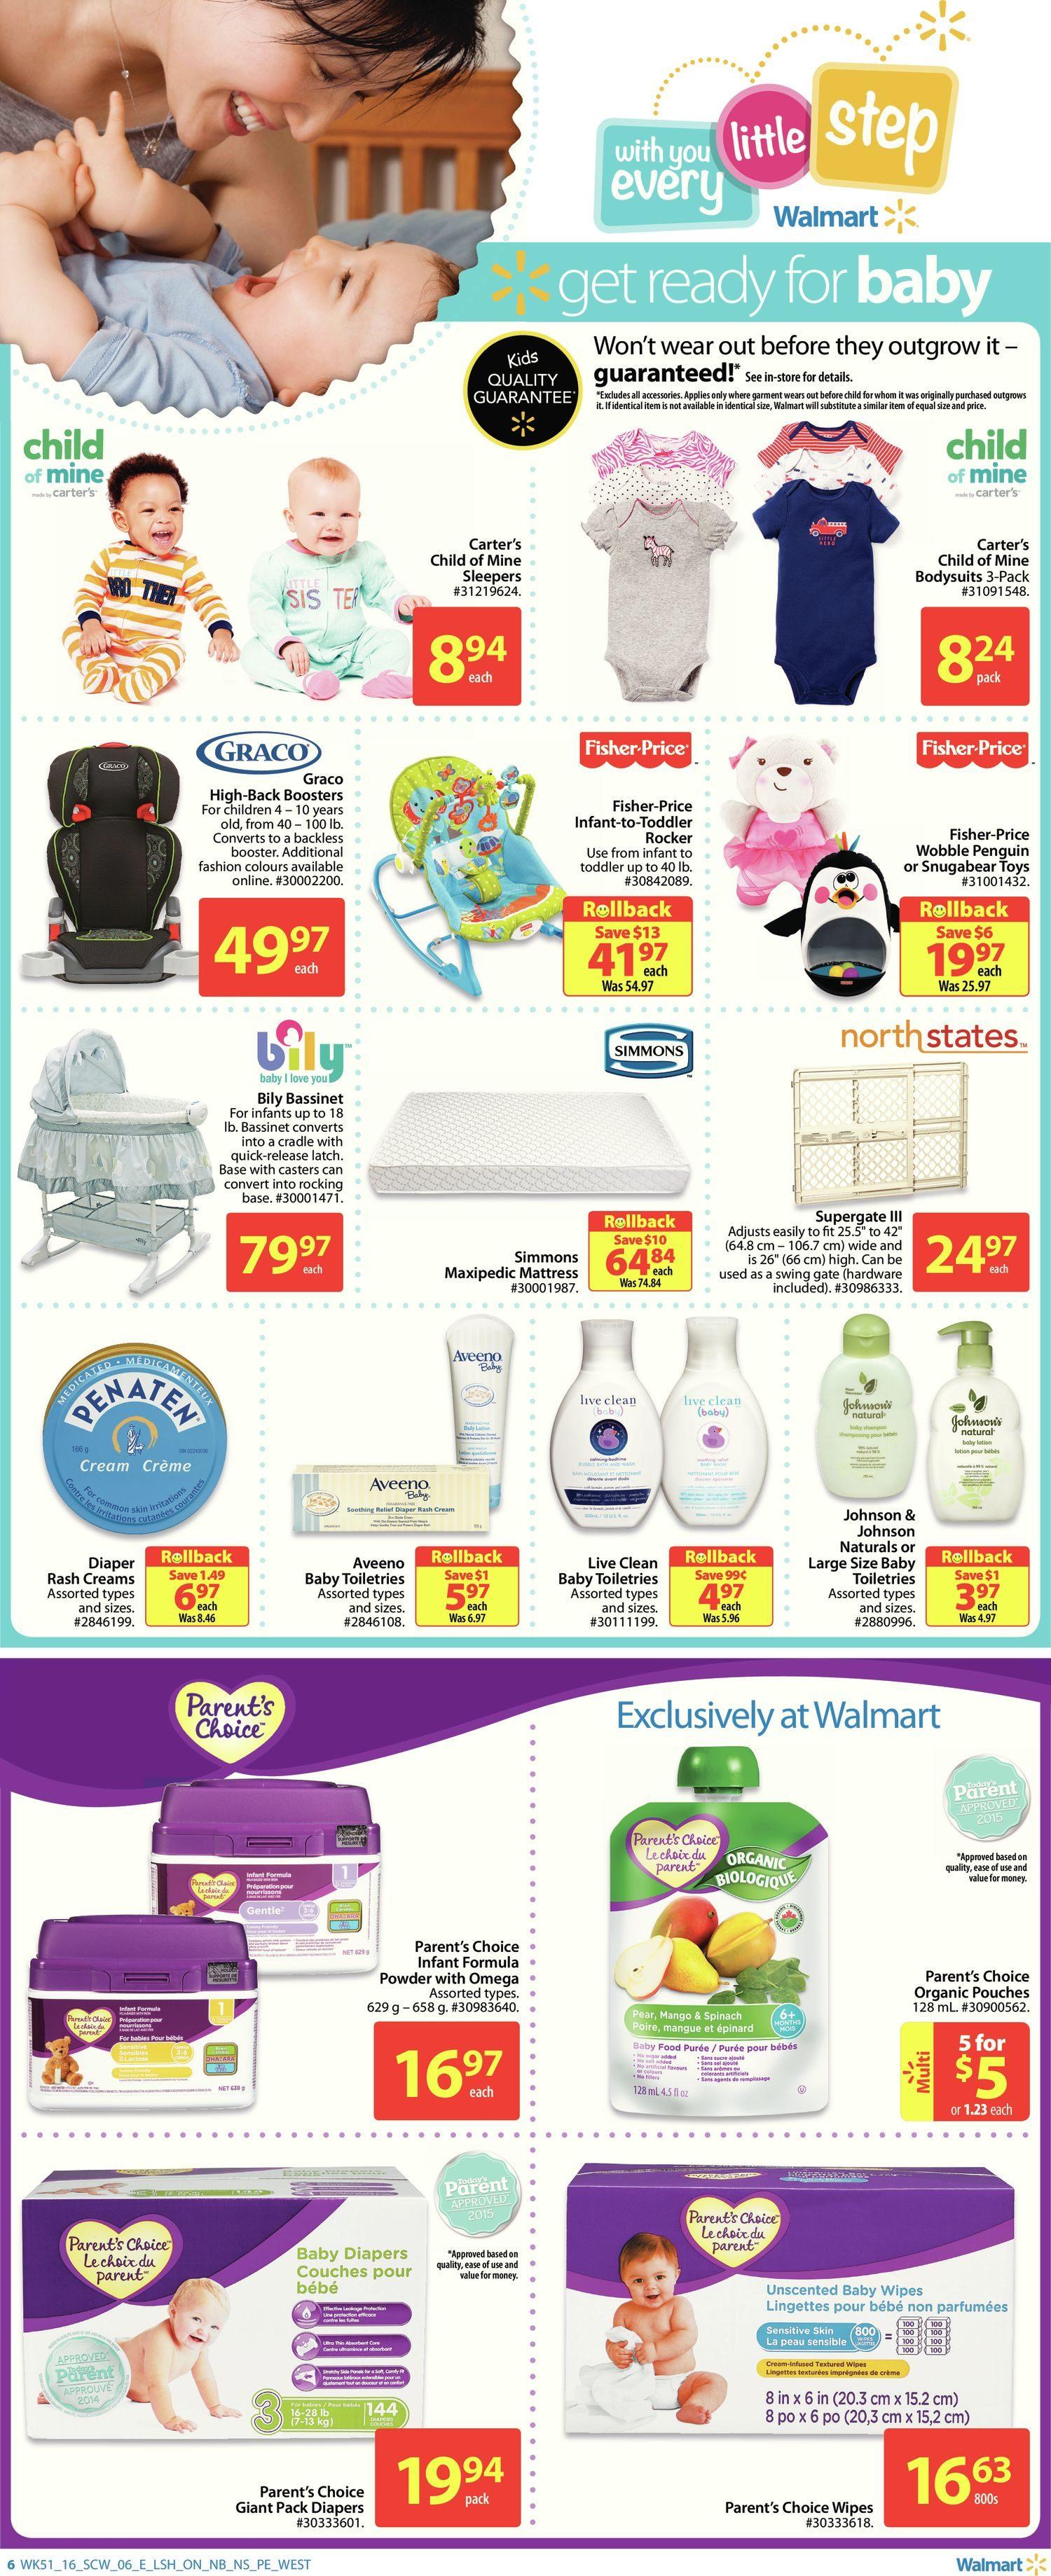 Walmart Weekly Flyer - Supercentre - Everyday Essentials - Jan 14